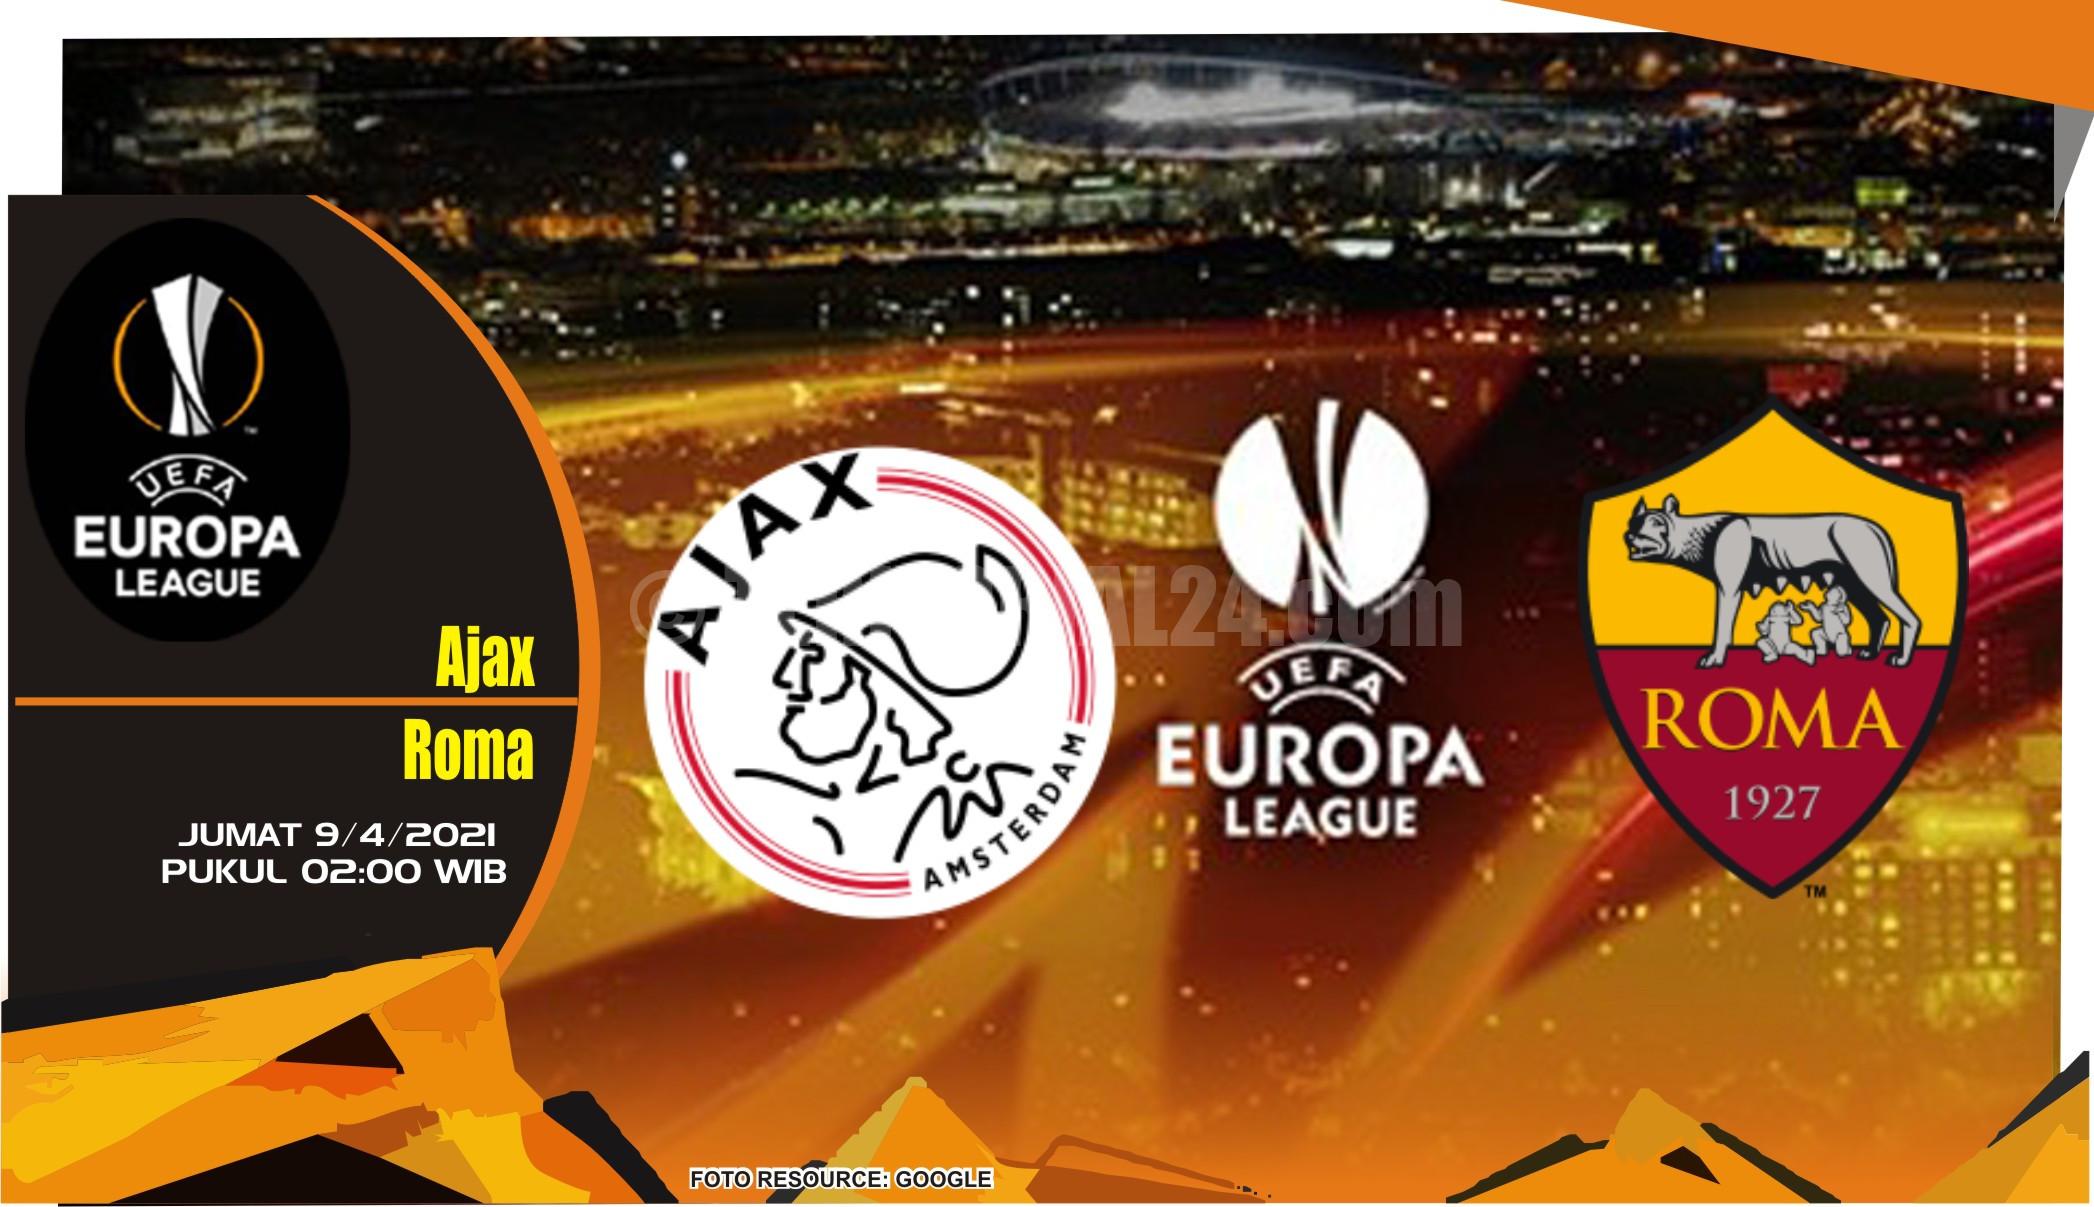 Prediksi Liga Europa: Ajax vs Roma - 9 April 2021